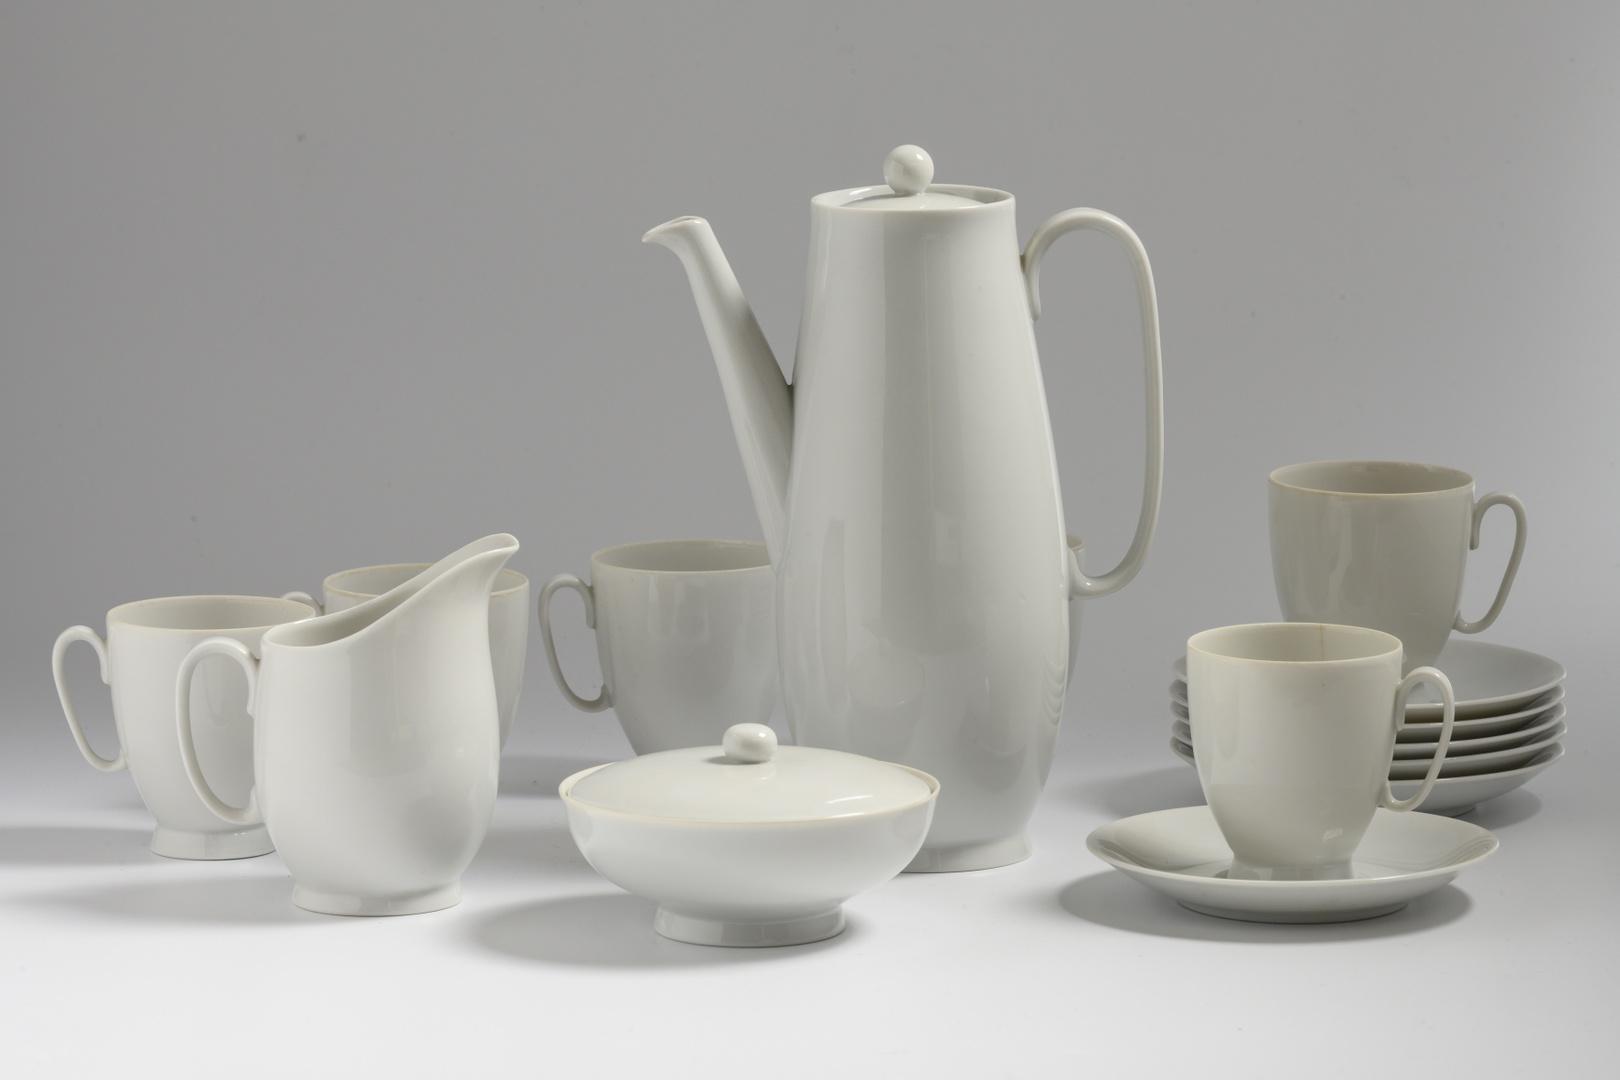 Mokkaservies: mokkakan, melkkan, suikerpot , 6 kop en schotels